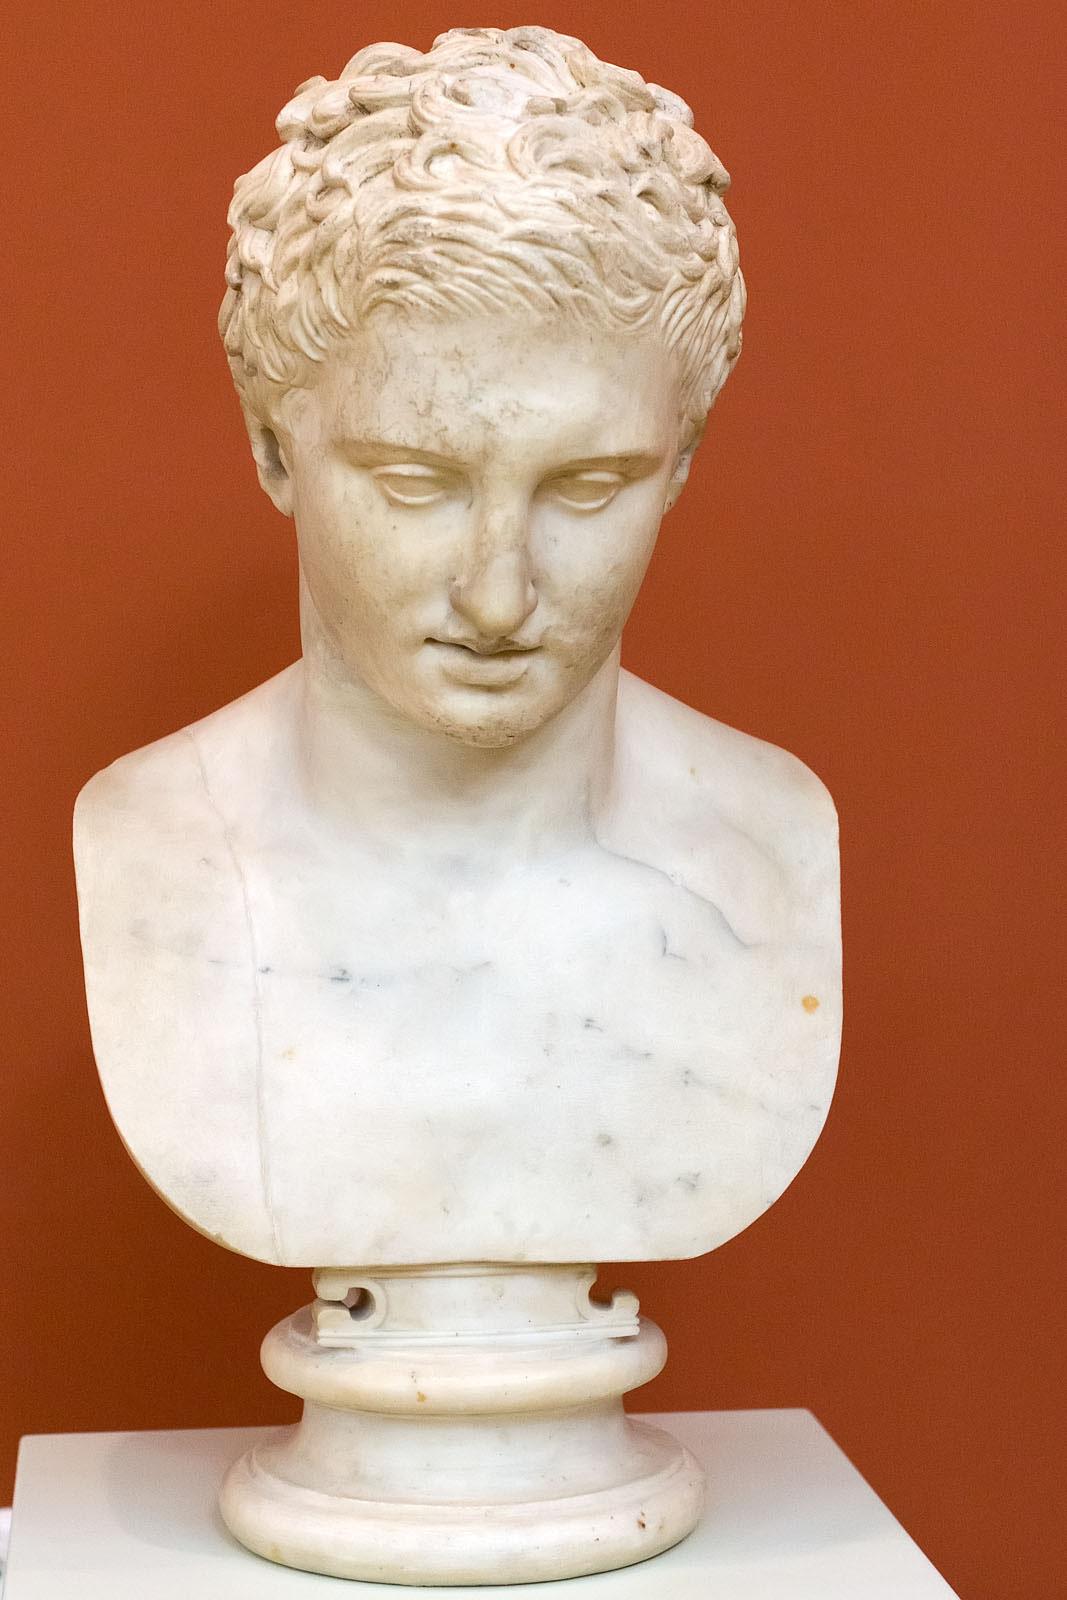 Фото №149867. Голова статуи атлета